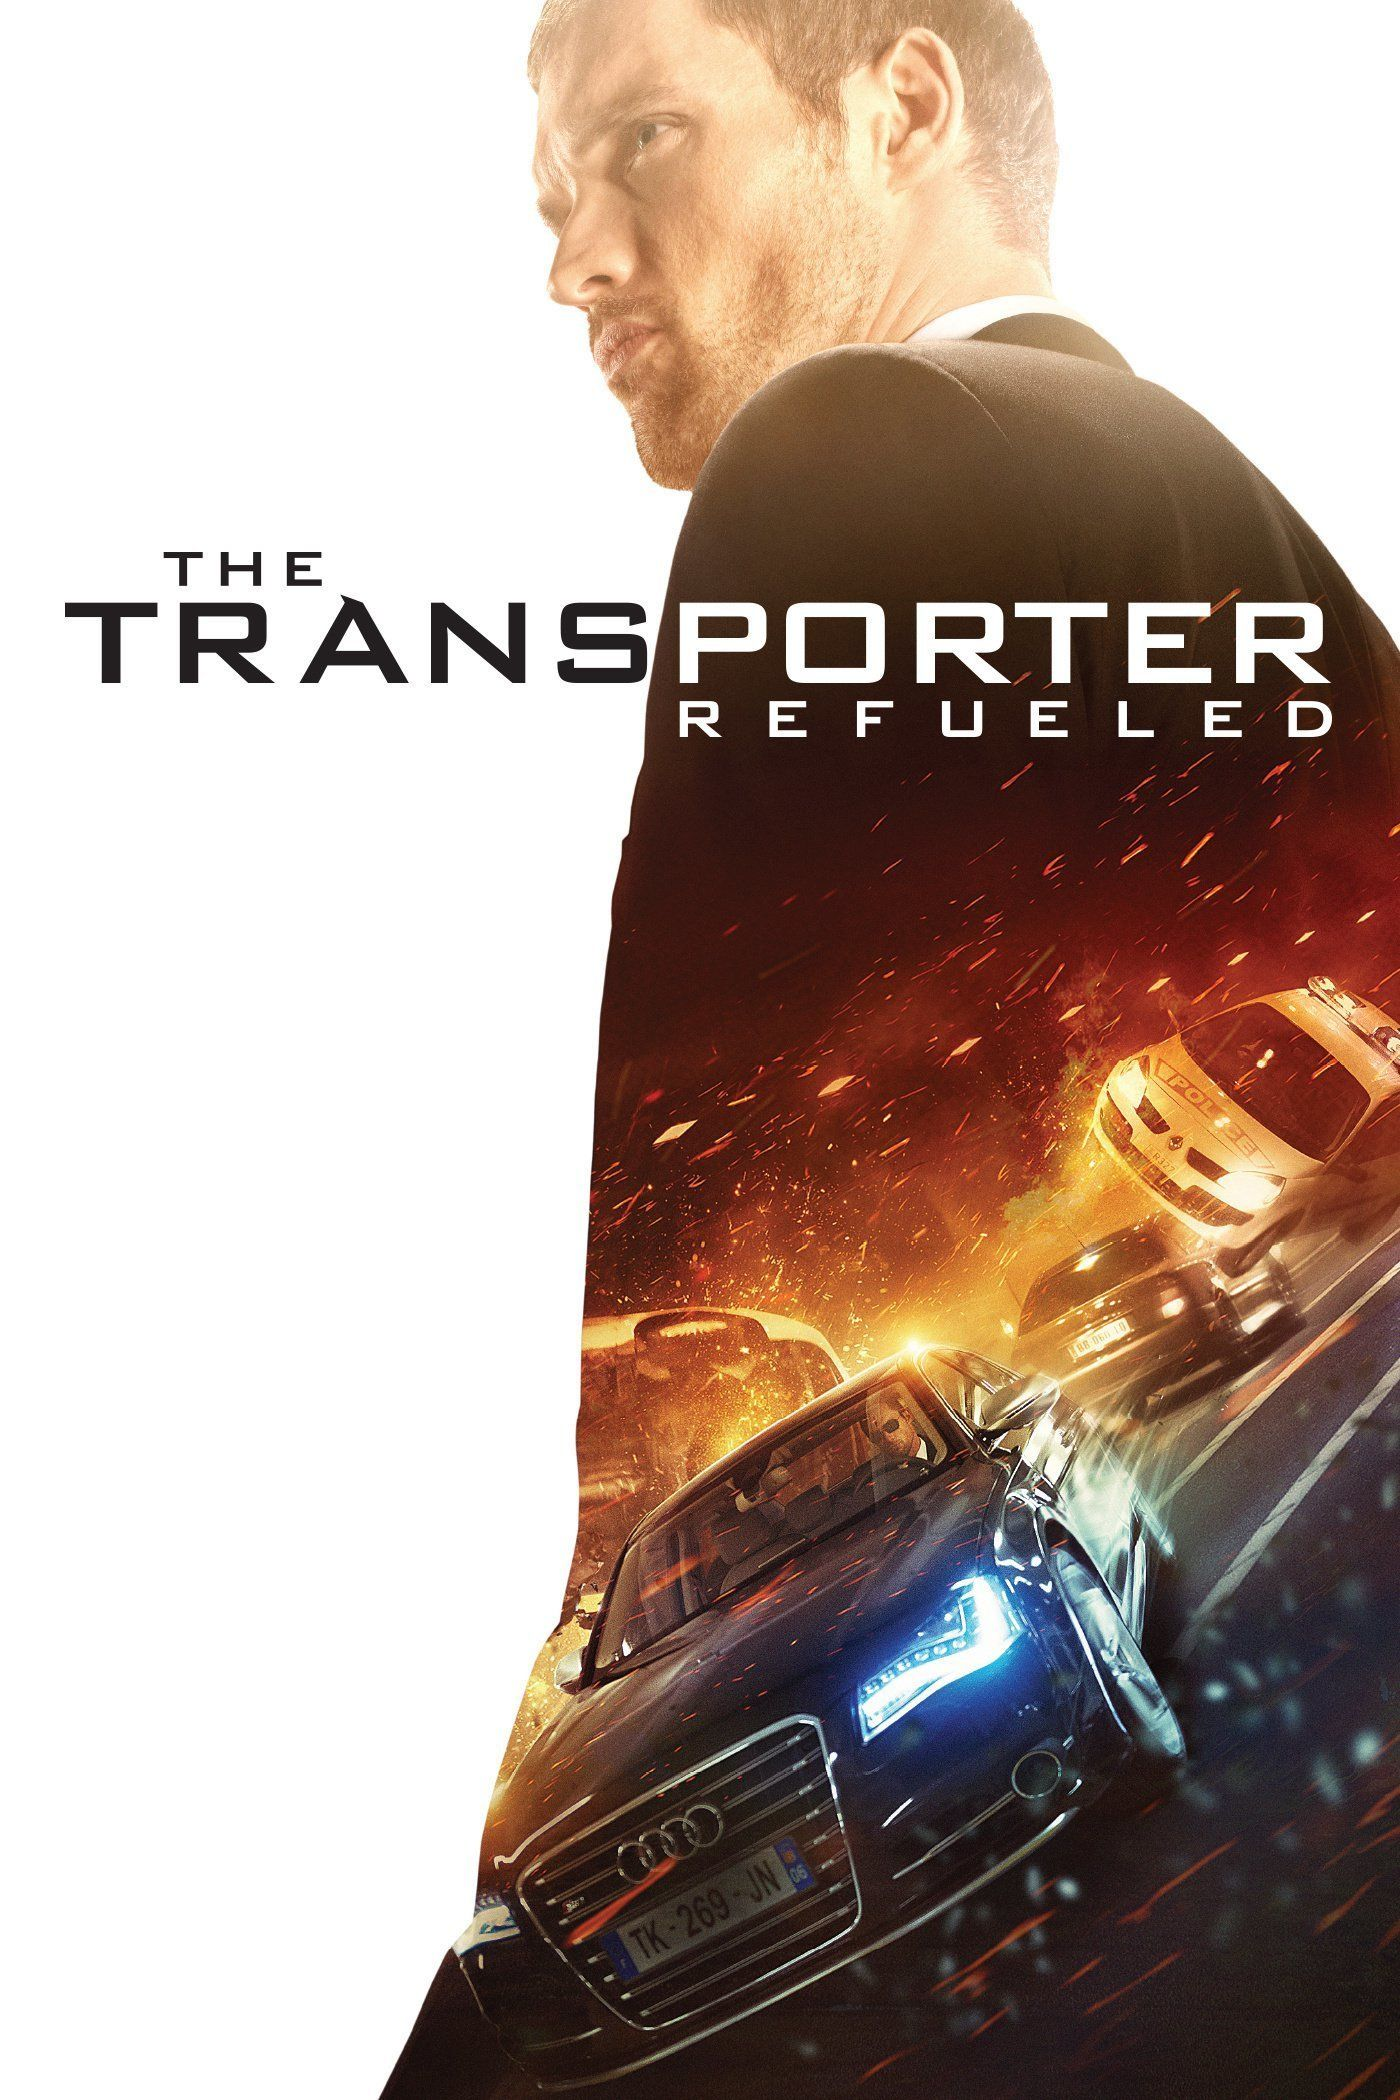 Transporter 3 Deutsch Ganzer Film